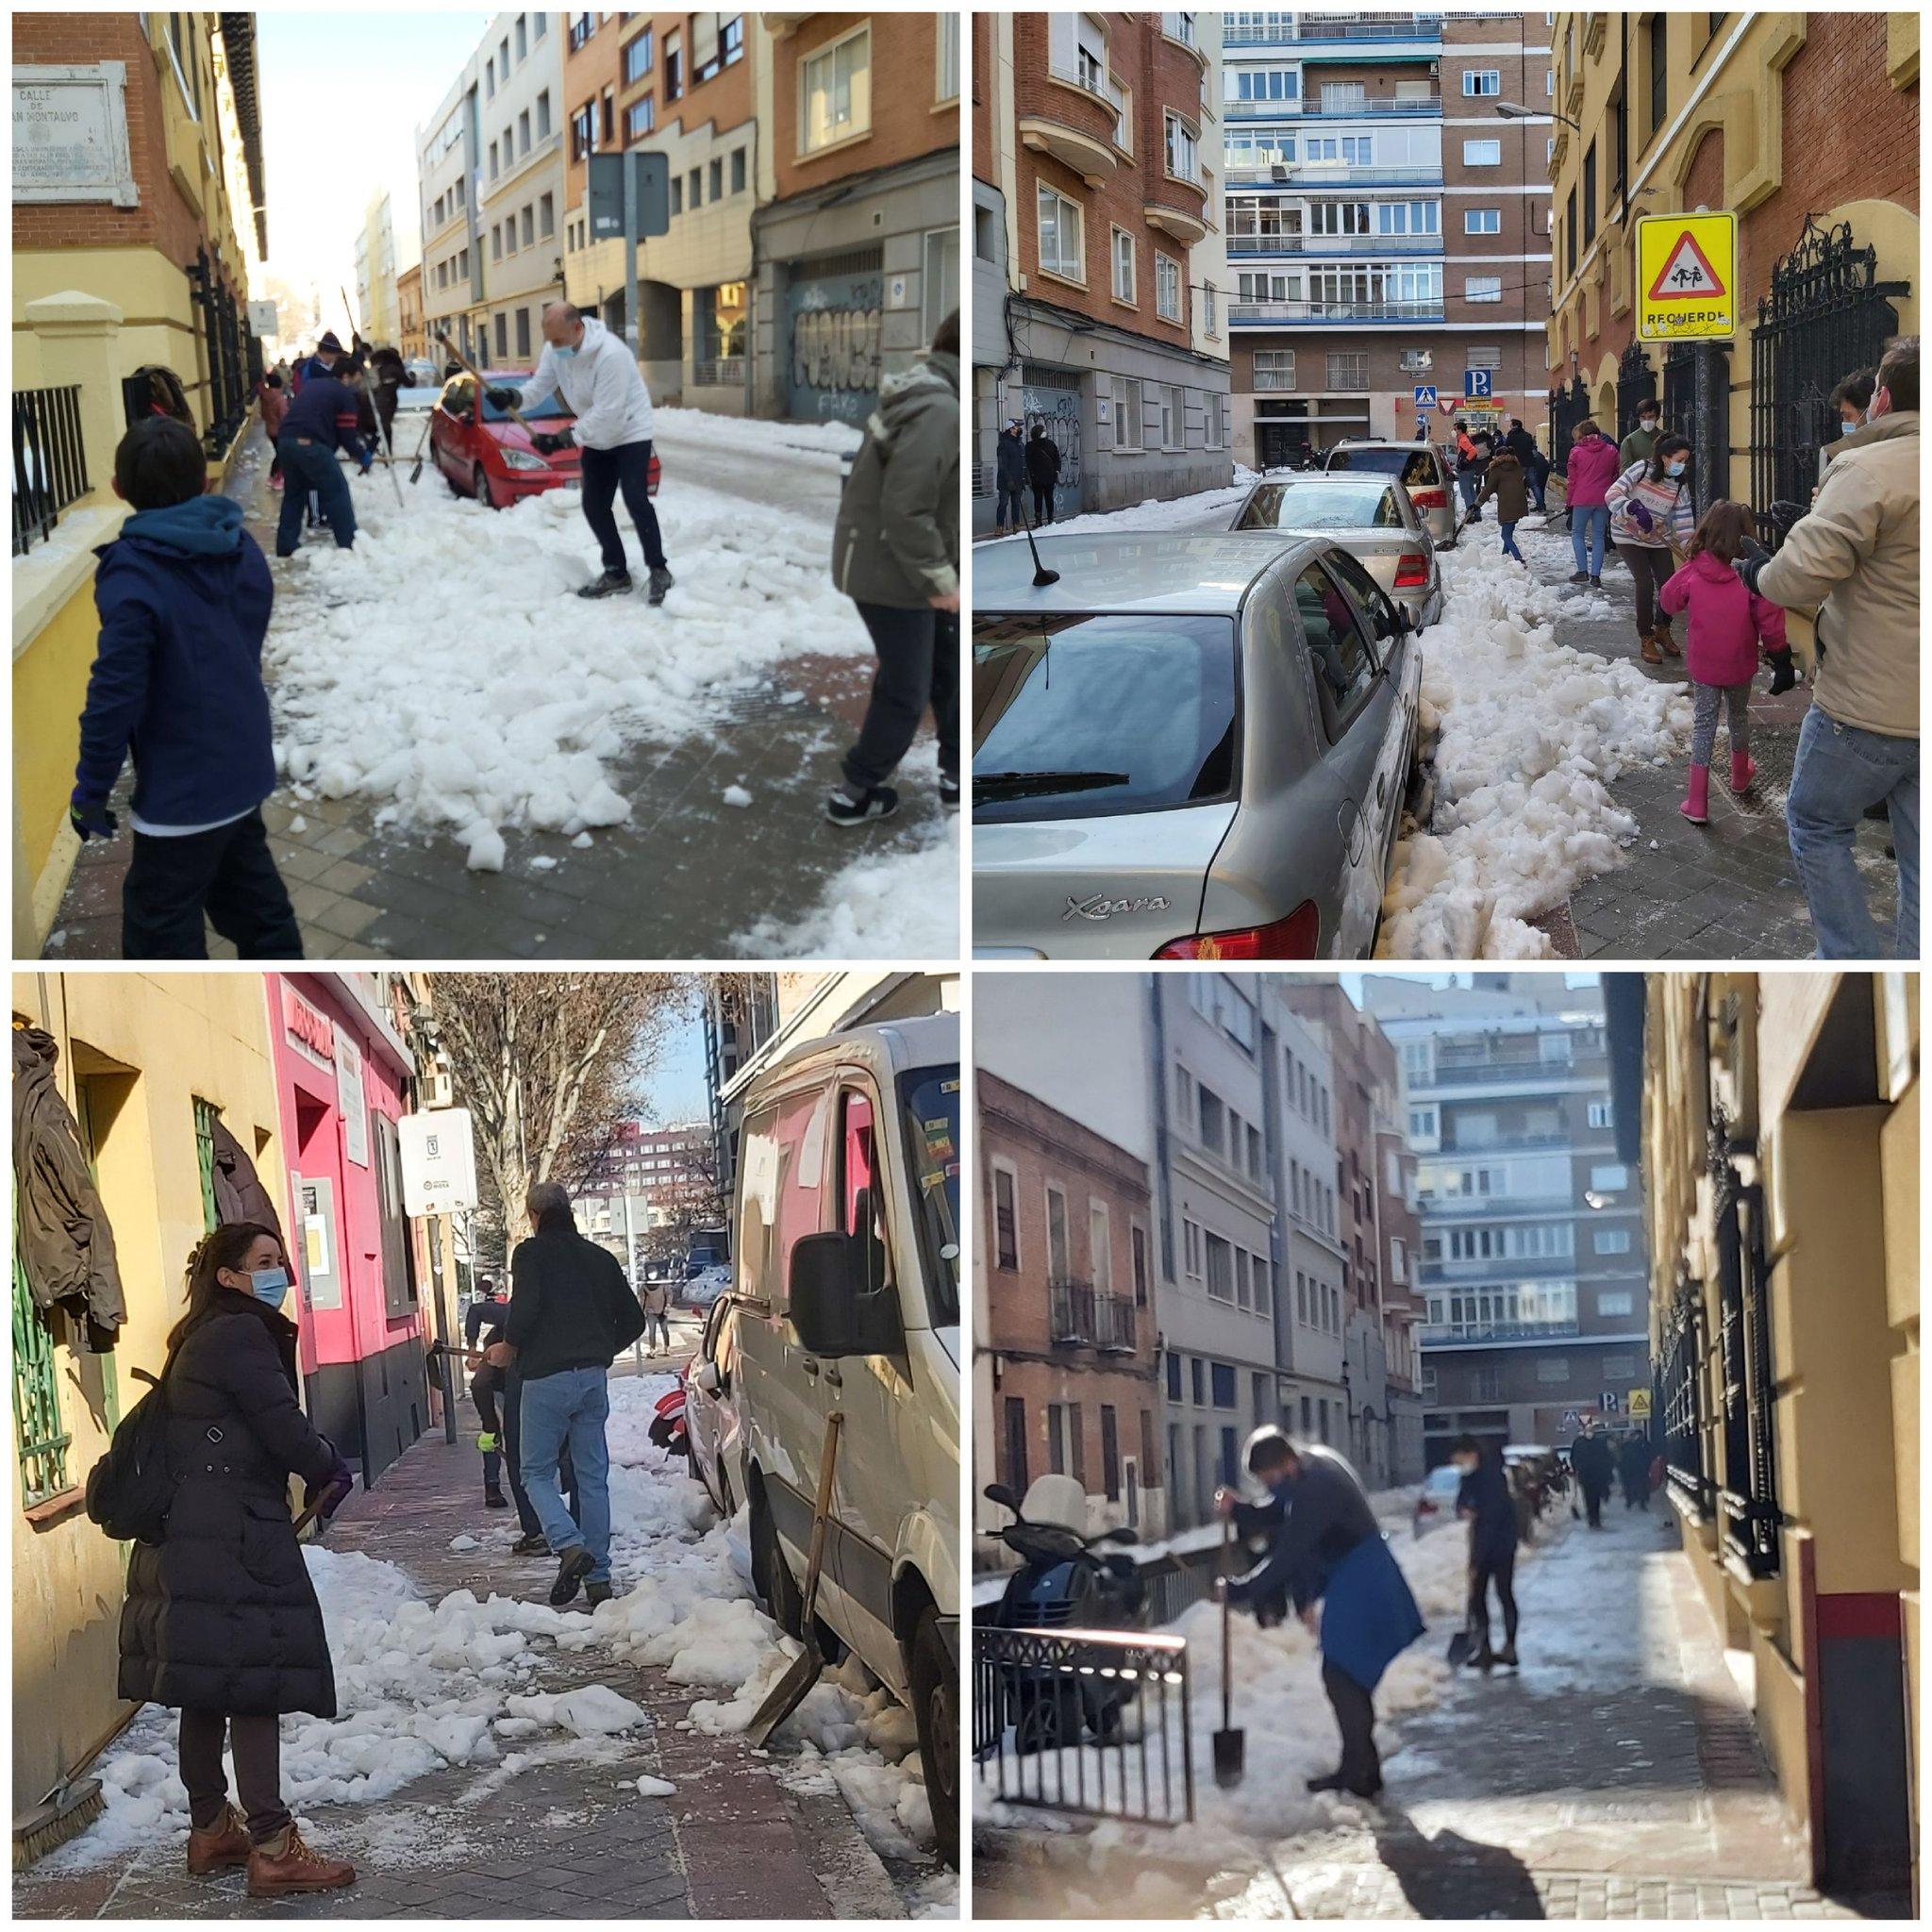 Padres, profesores y alumnos del Colegio Nuestra Señora del Buen Consejo de Madrid trabajaron juntos para retirar nieve de los accesos al centro.